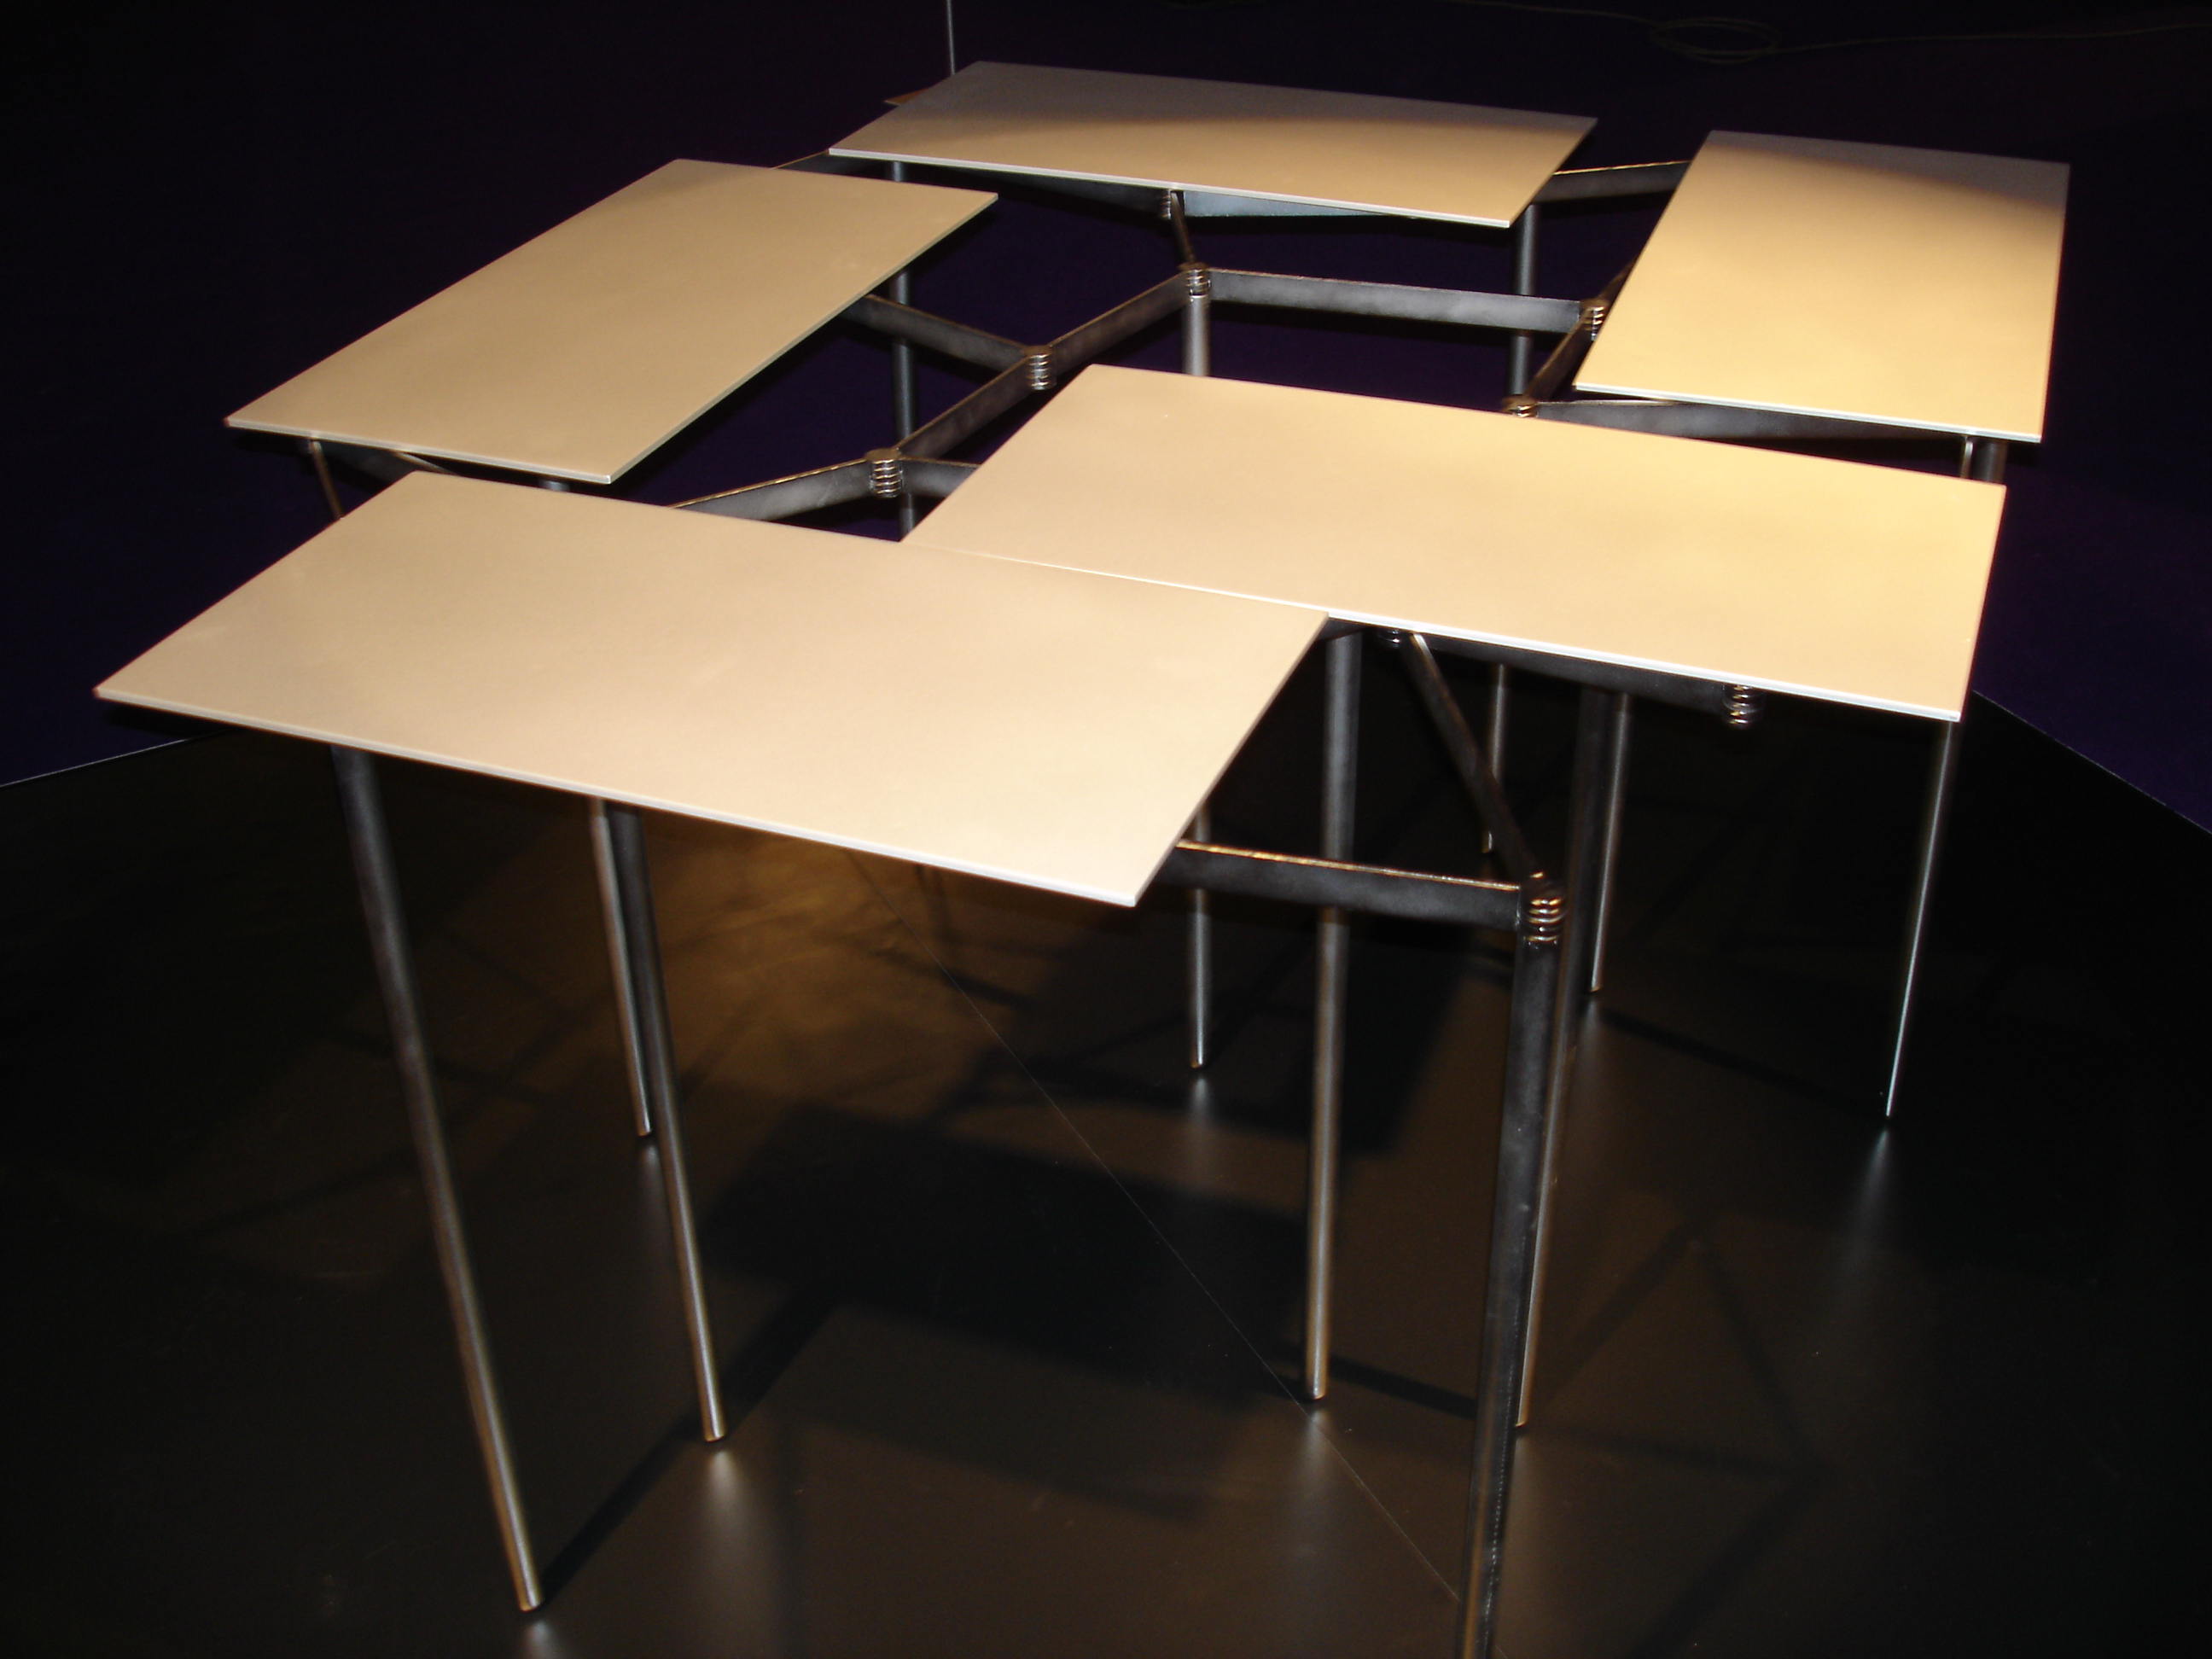 TABLE RENOUVEAU